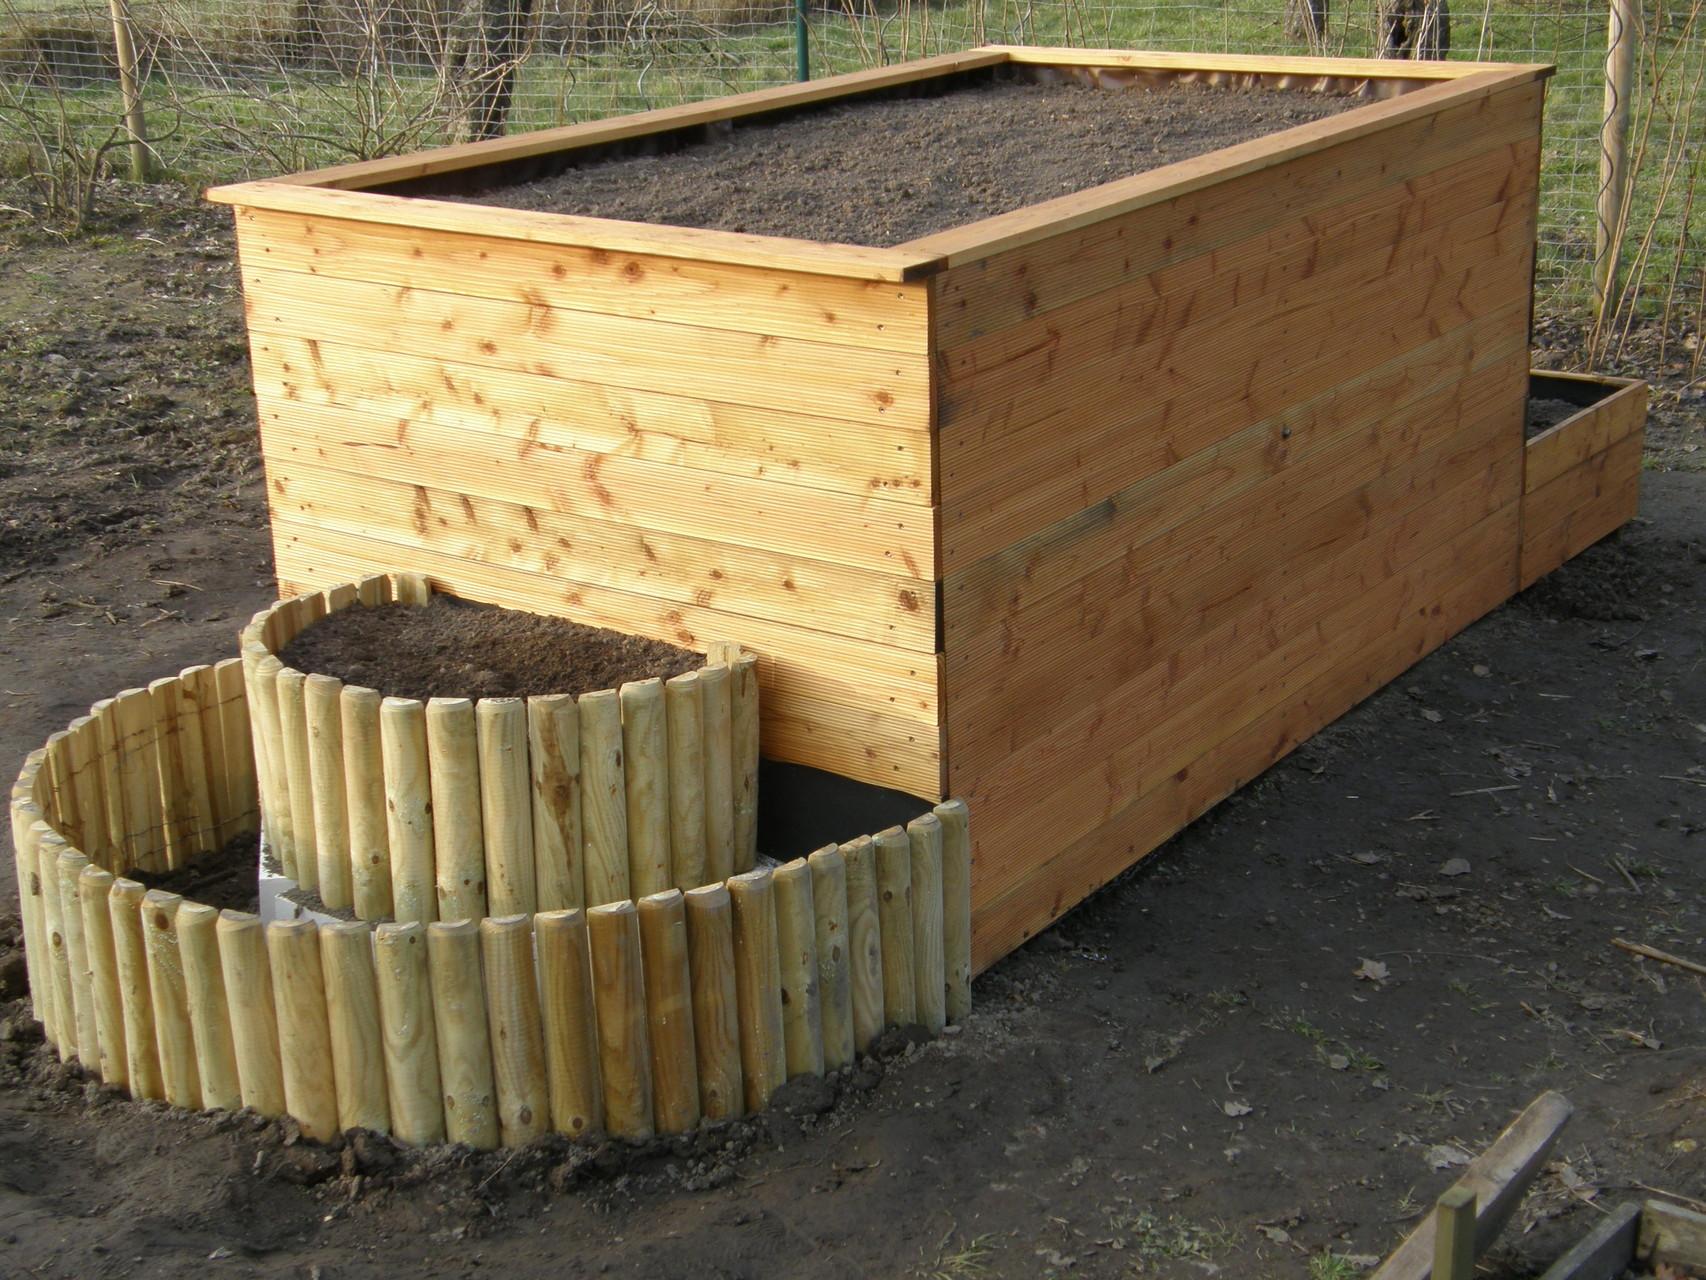 Jetzt ist die Küchengartenbox fertig zum Bepflanzen